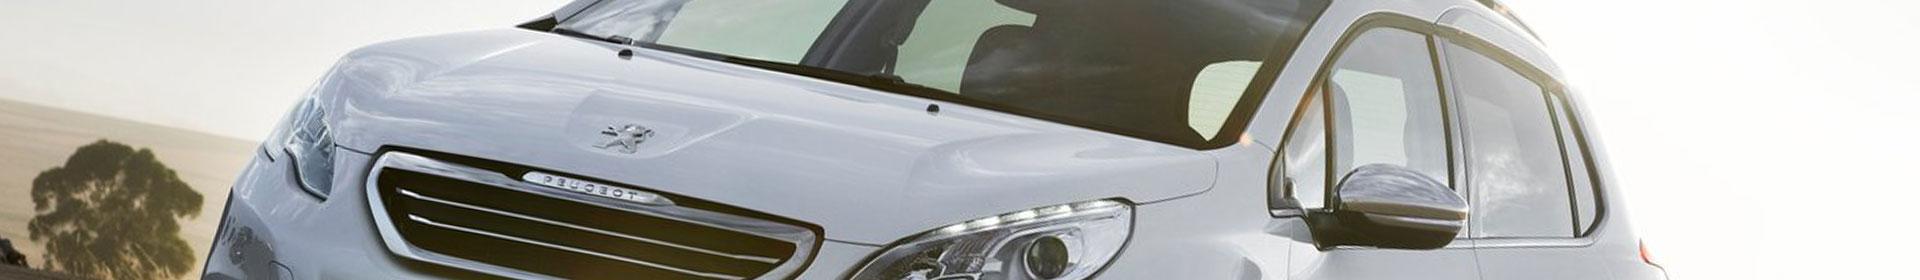 Auto Louwes nieuwe en gebruikte auto's - Banden